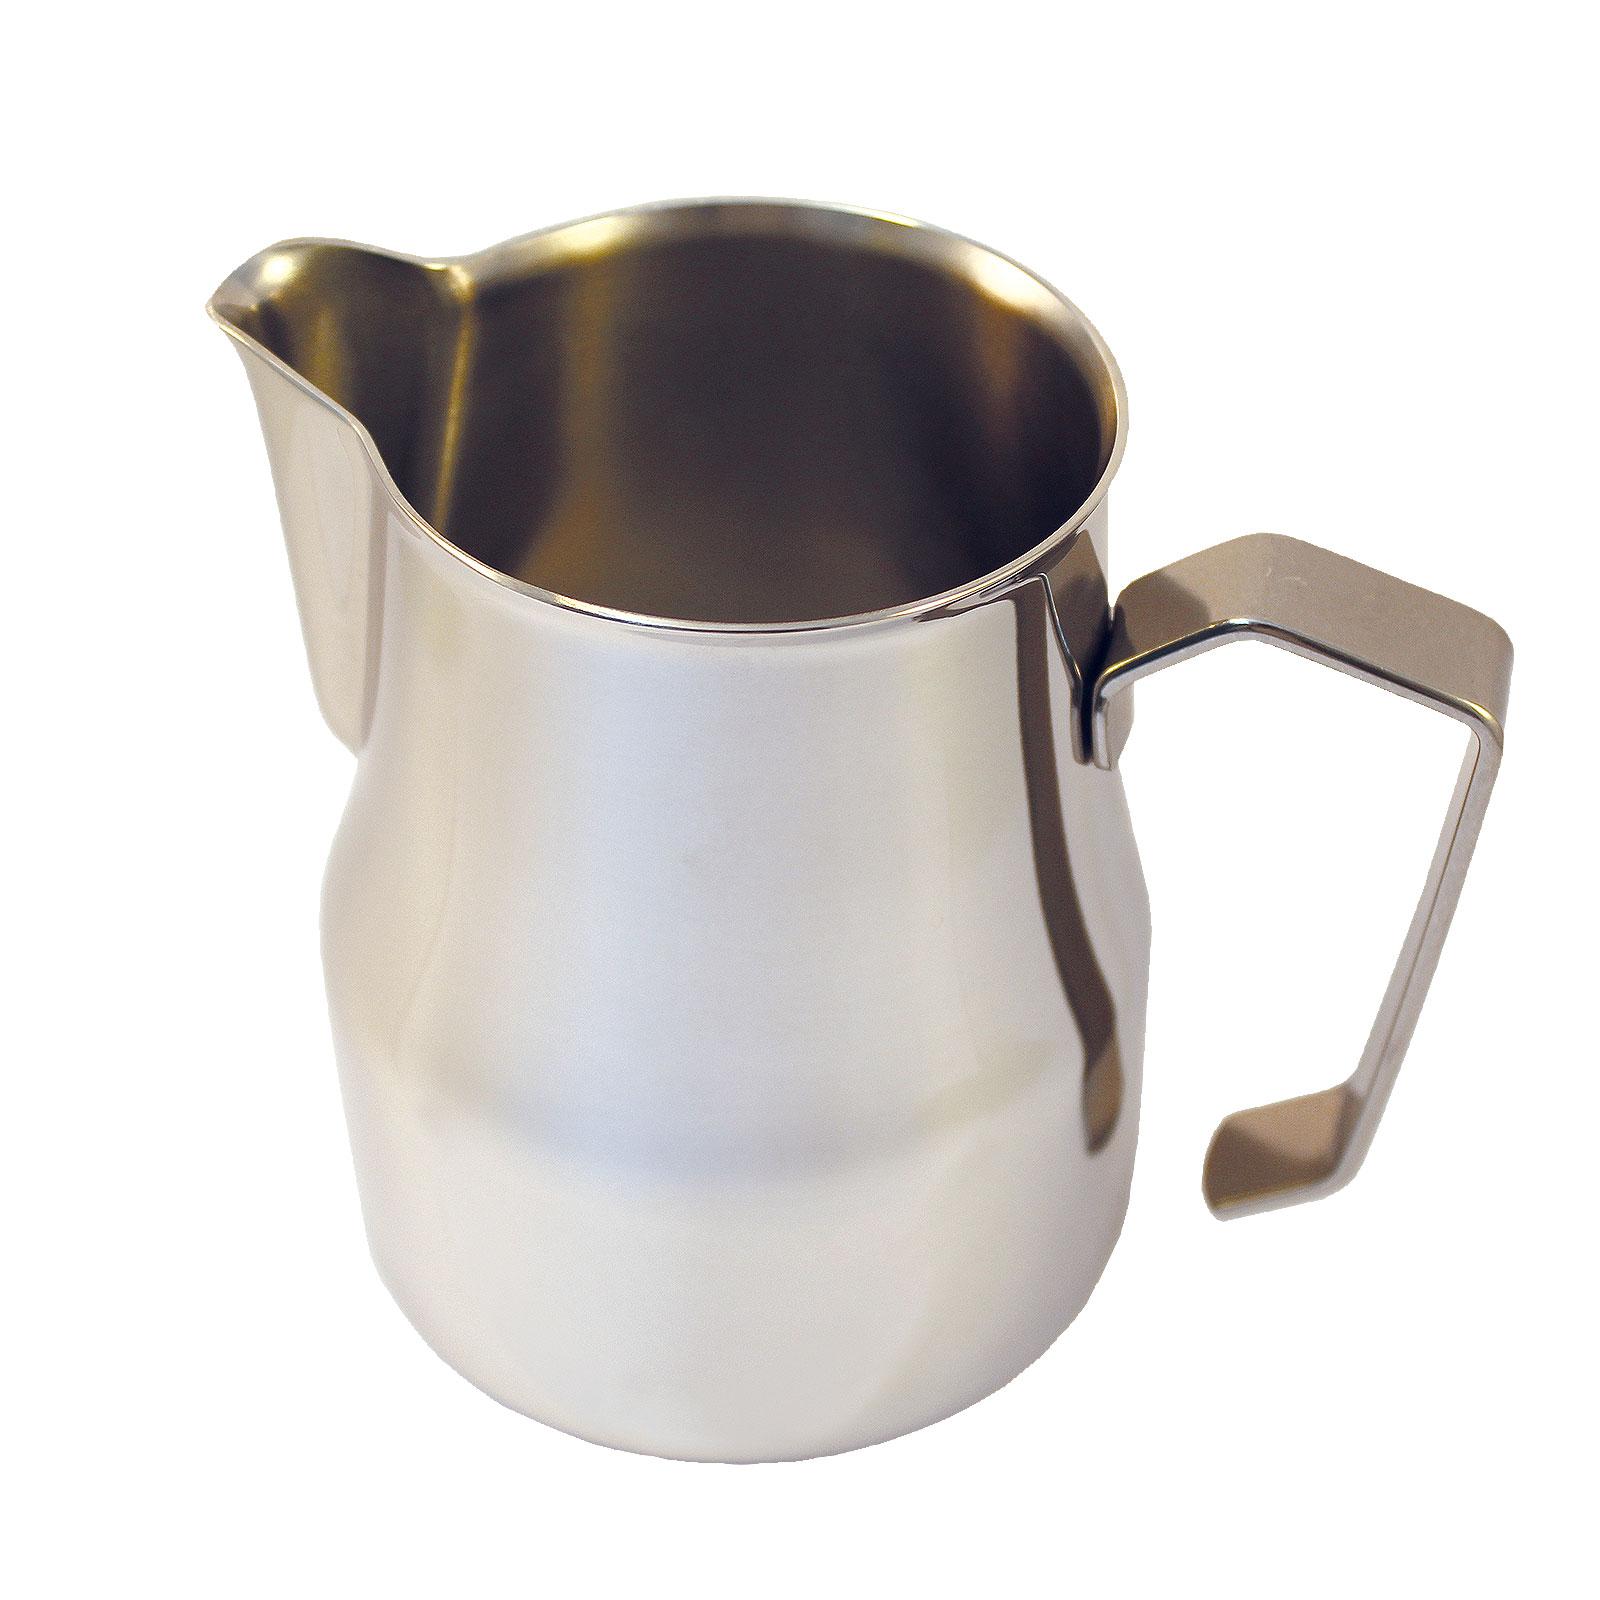 Motta Aufschäumbehälter, Milchkanne Europa mit Auslauf Barista Zubehör 0,35 l